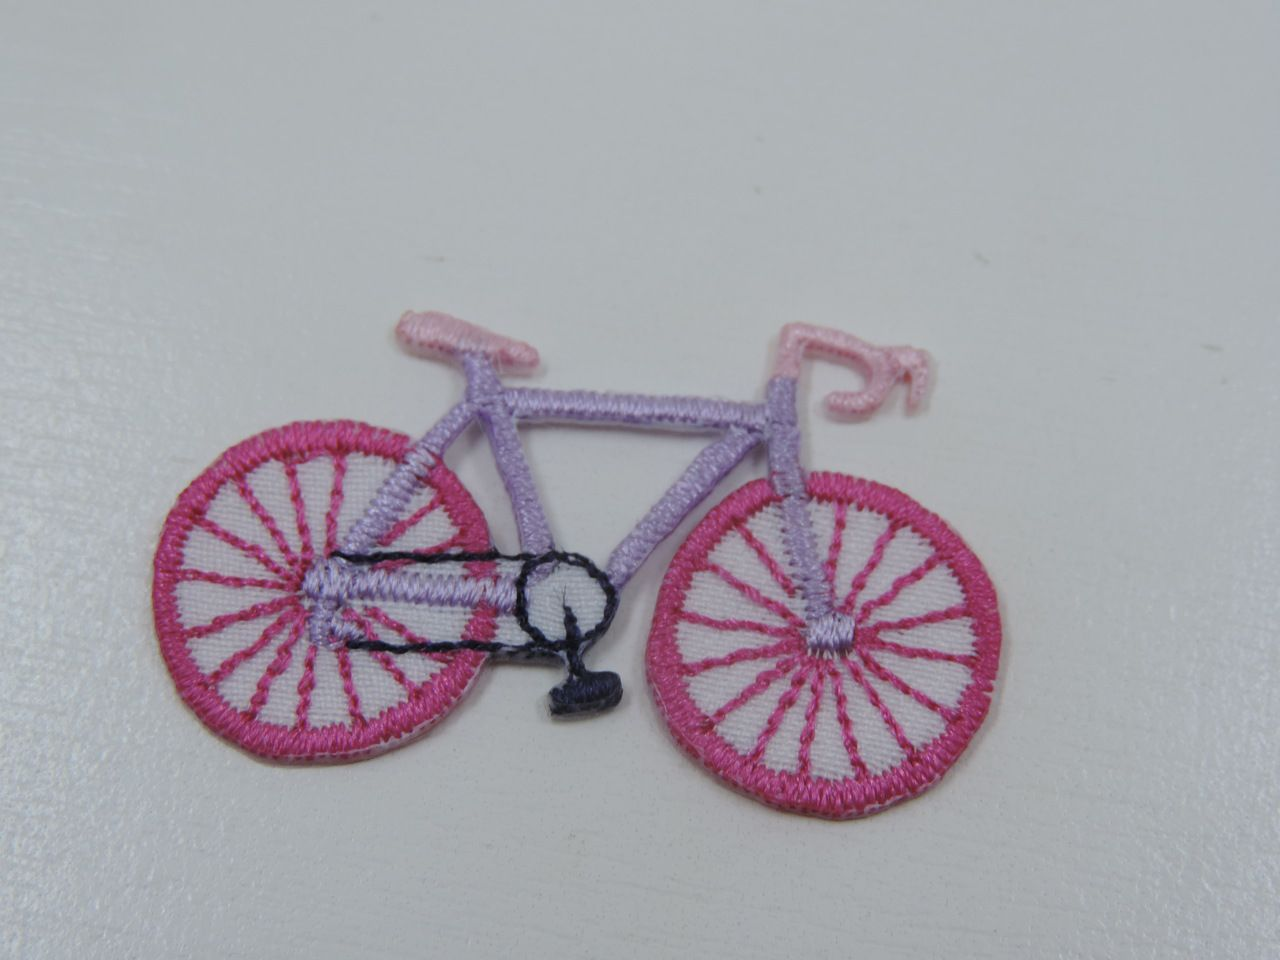 aplique termocolante bicicleta 4,8x2,8cm unitário